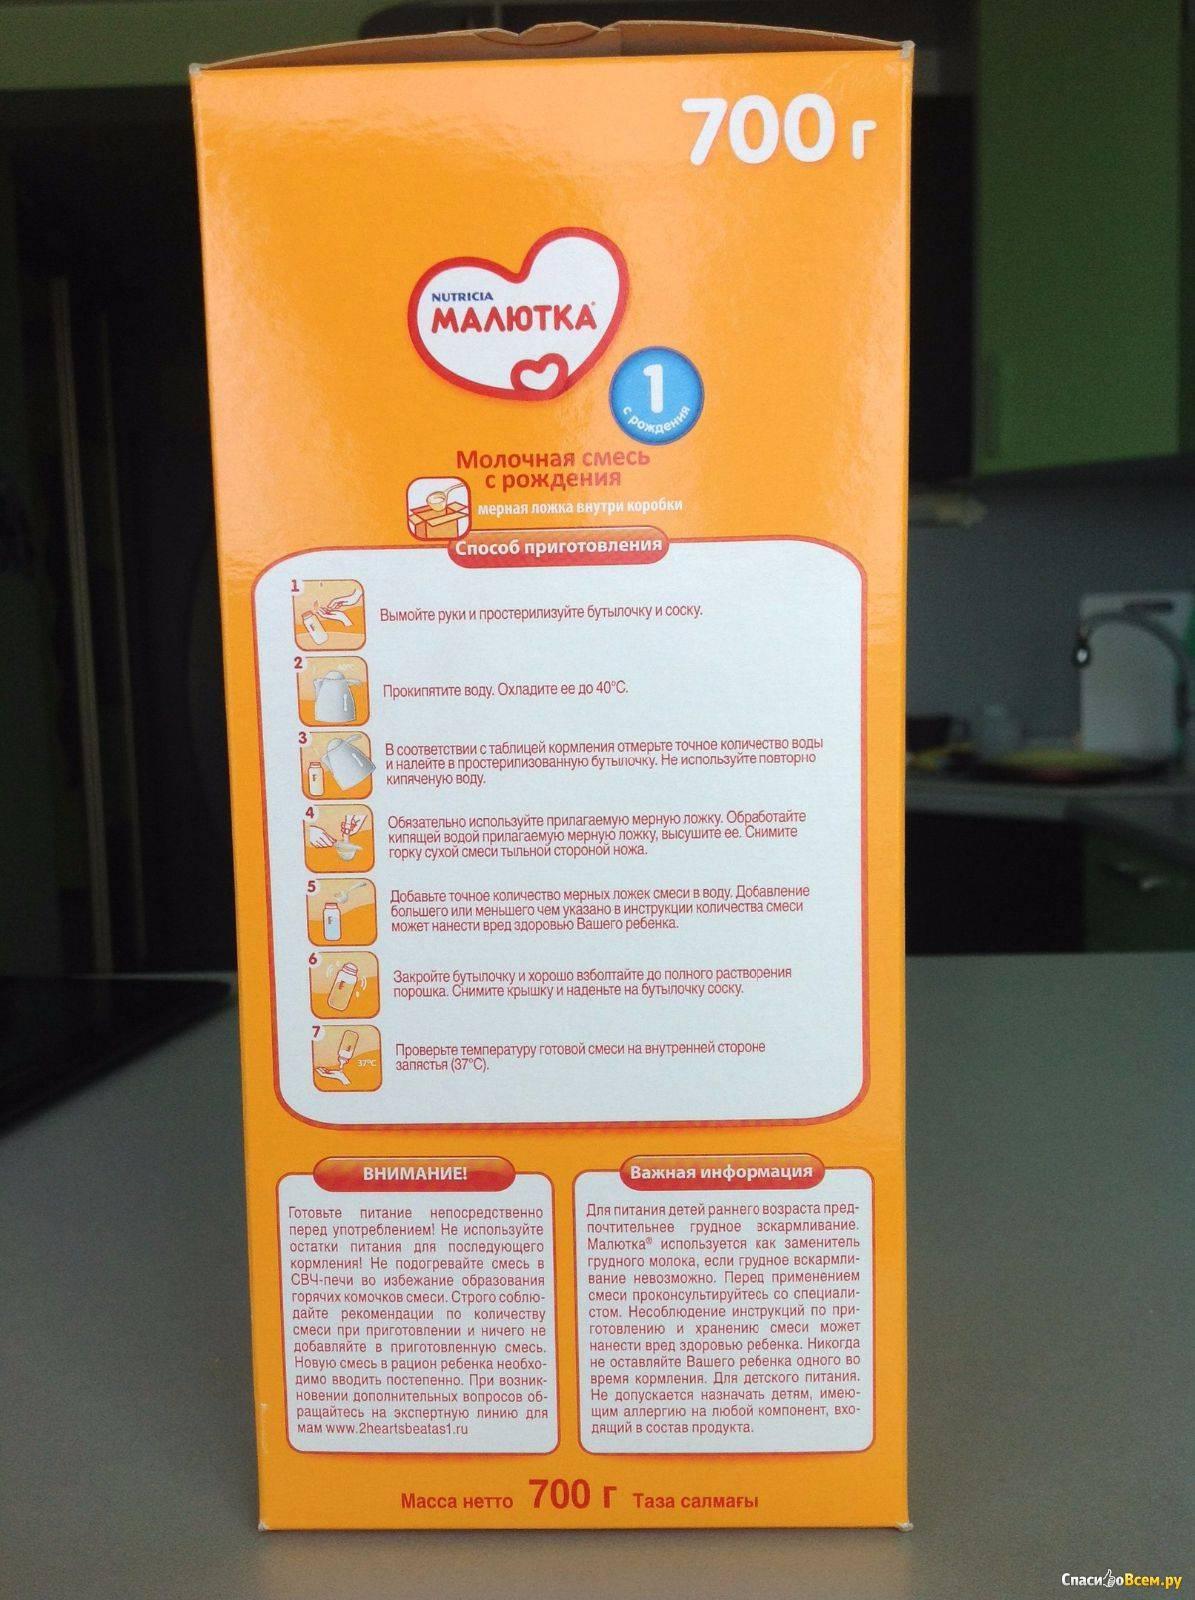 Кисломолочная смесь малютка: инструкция по применению, дозировка, состав, рецепты, видео советы